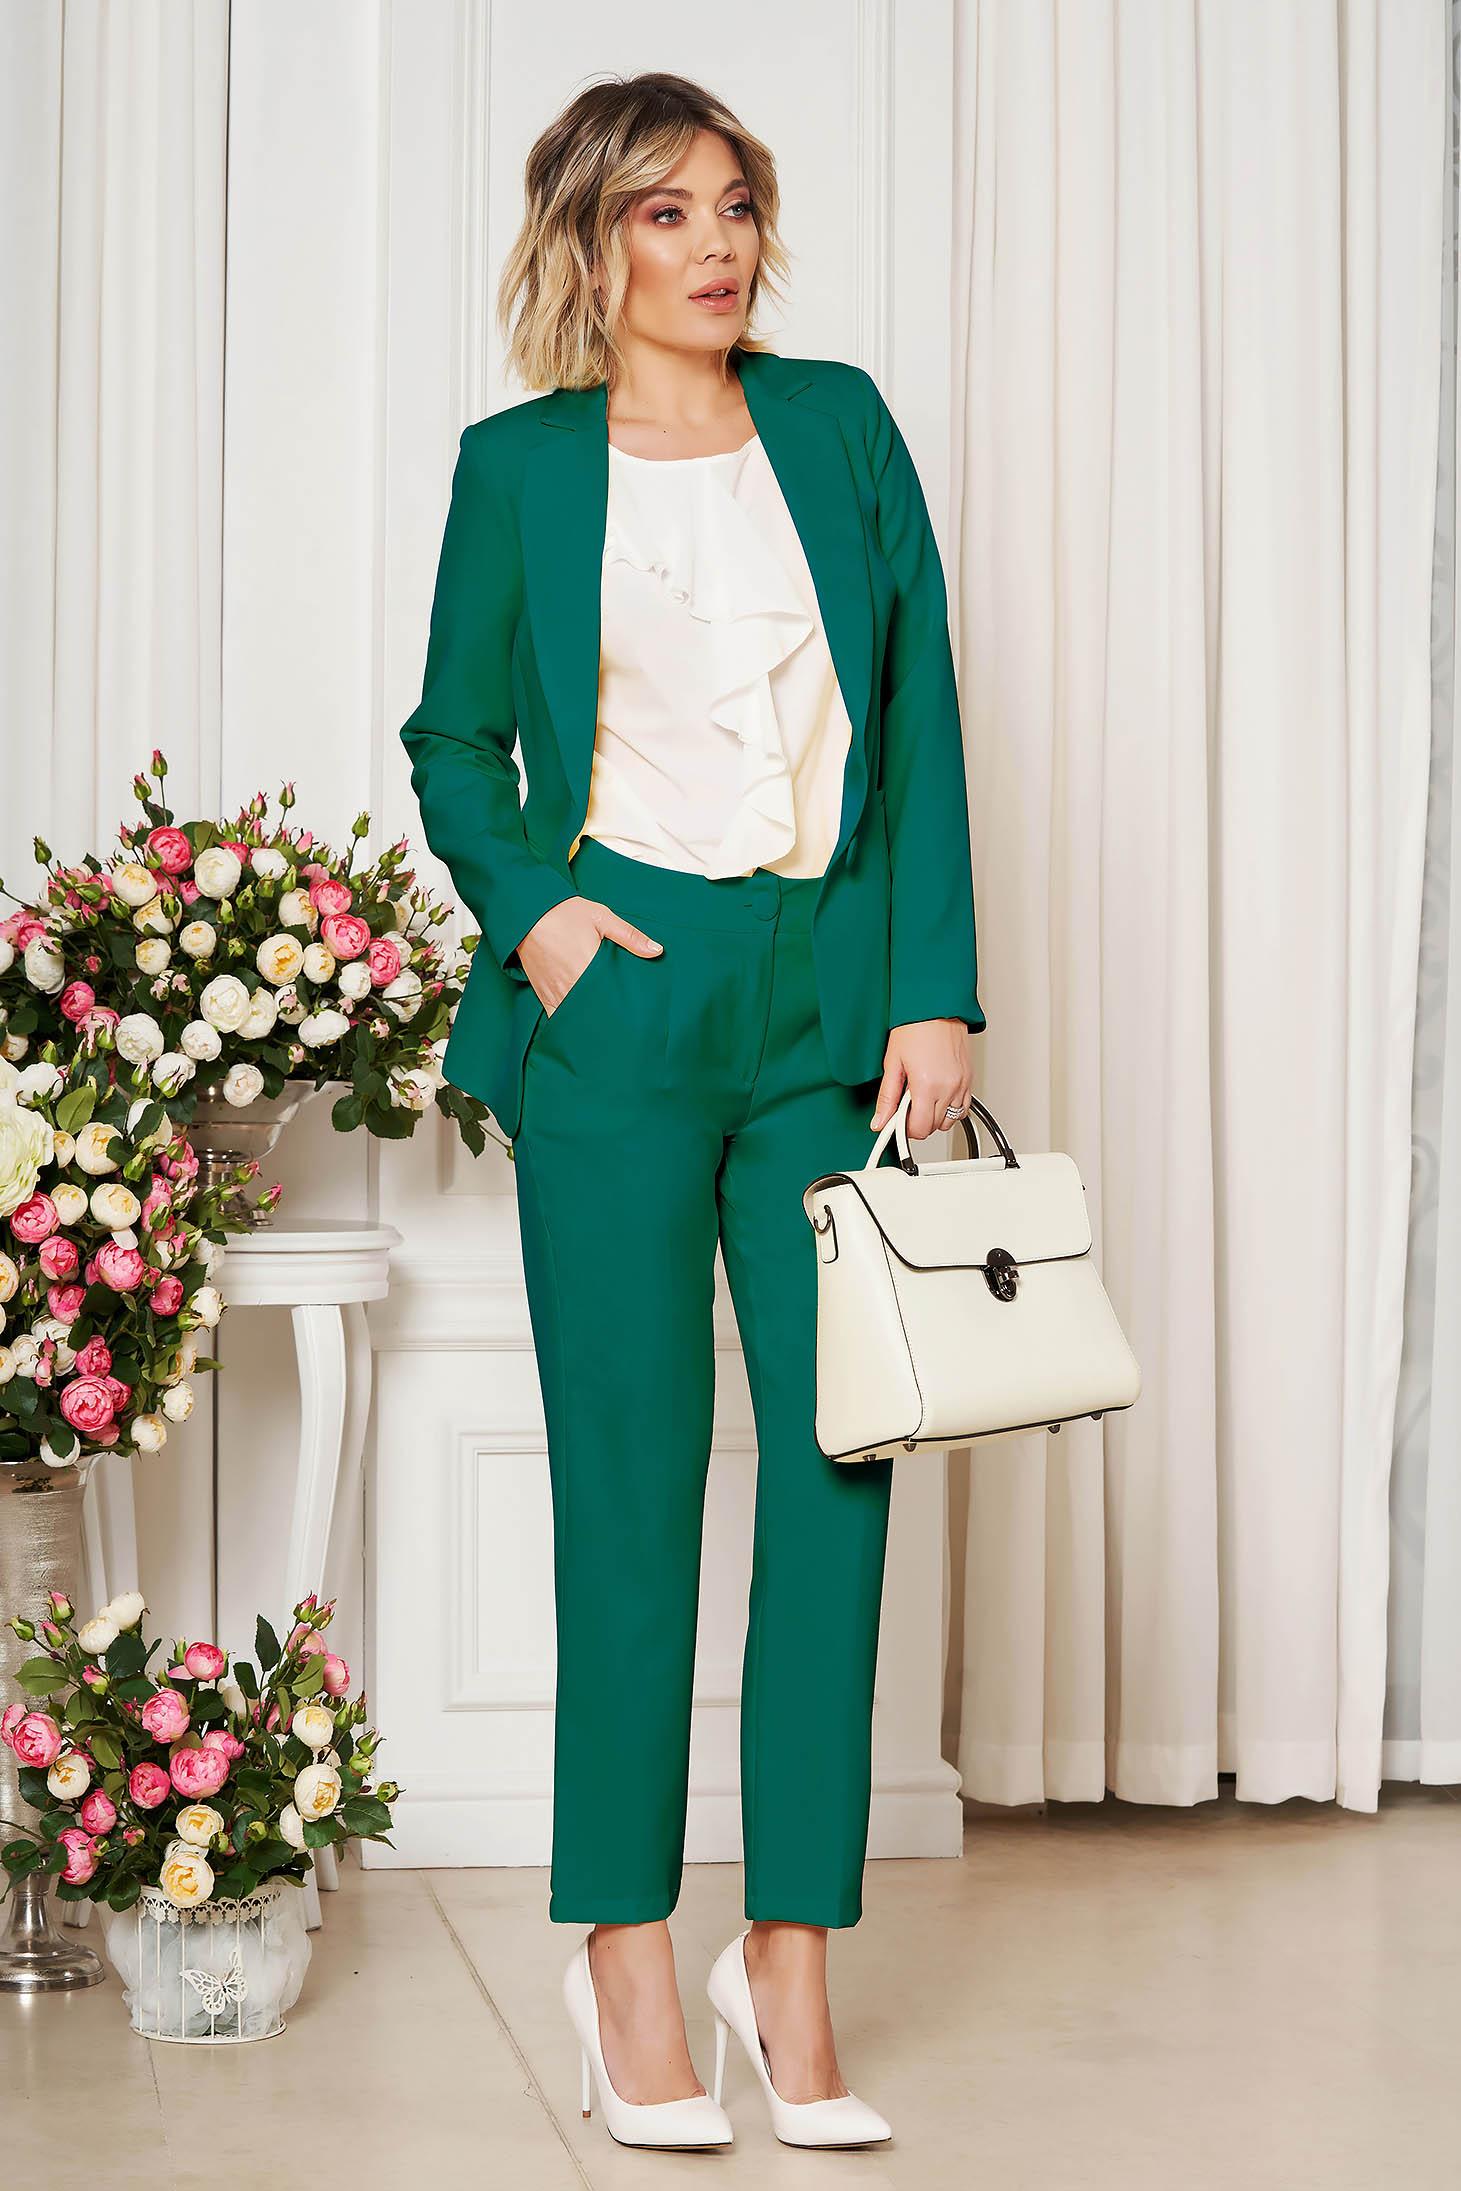 Zöld irodai egyenes szabású zsebes nadrág enyhén rugalmas szövetből